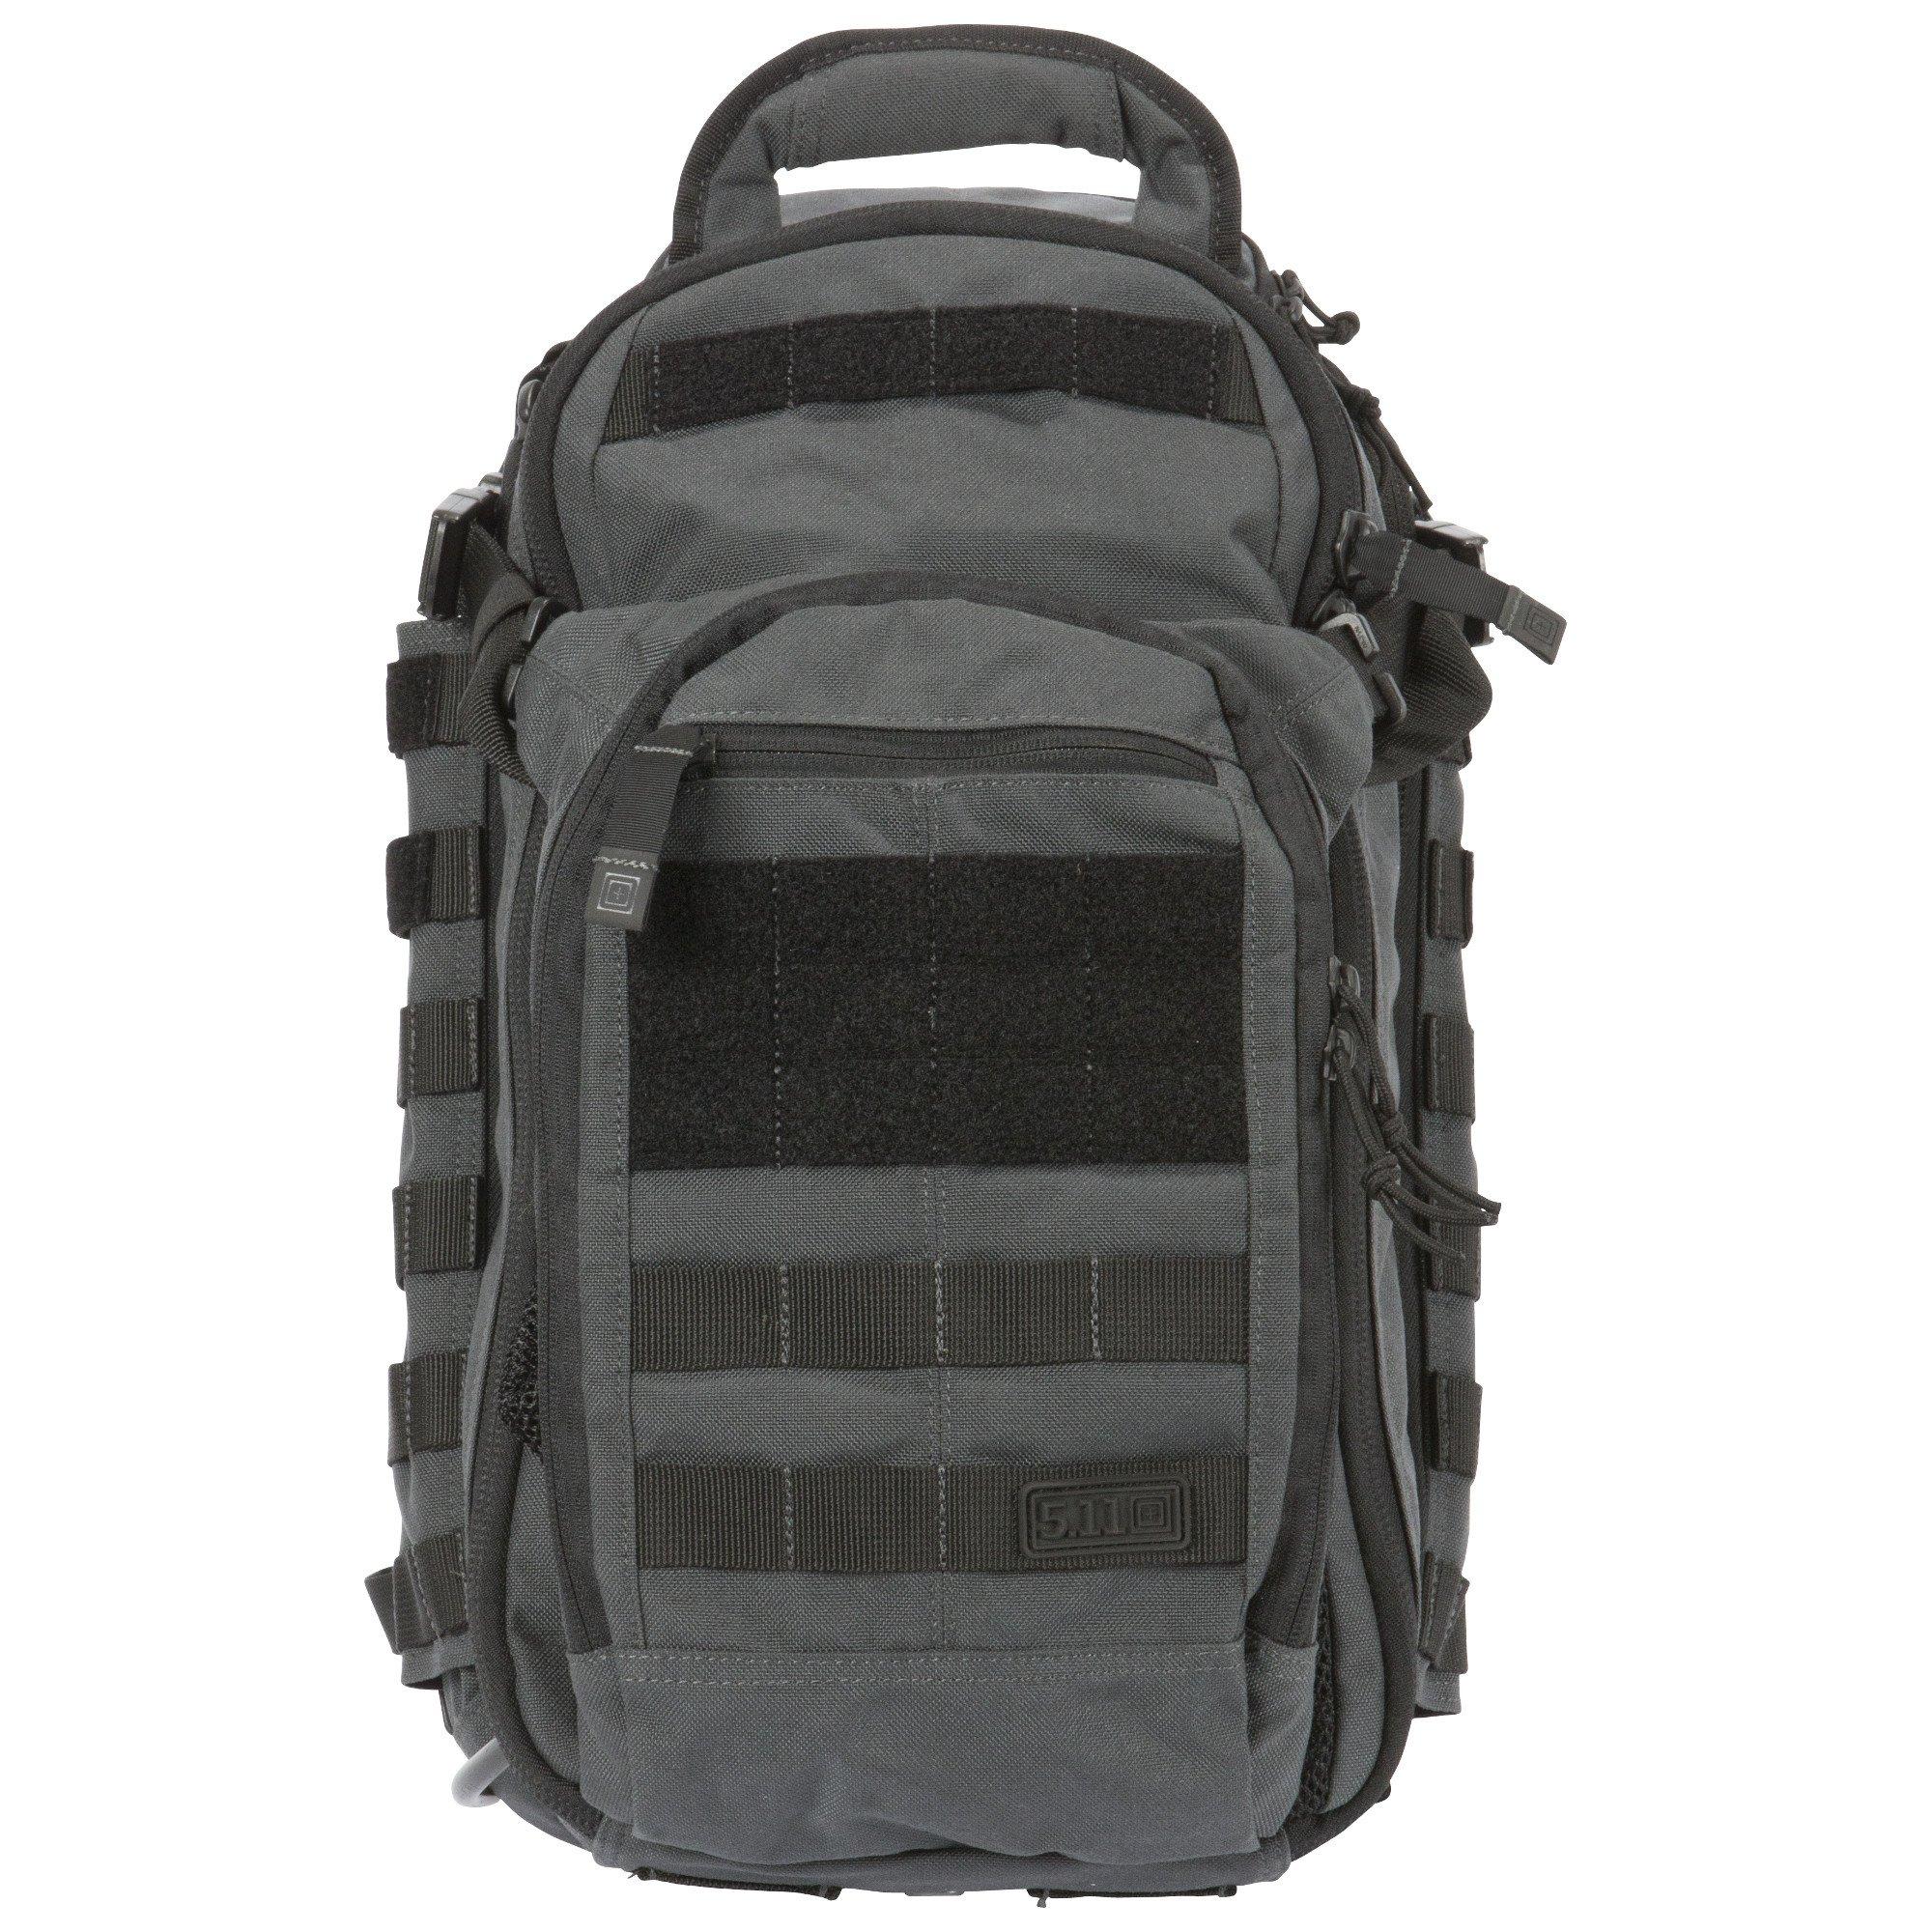 Balo 5.11 Tactical ALL HAZARDS NITRO 21L